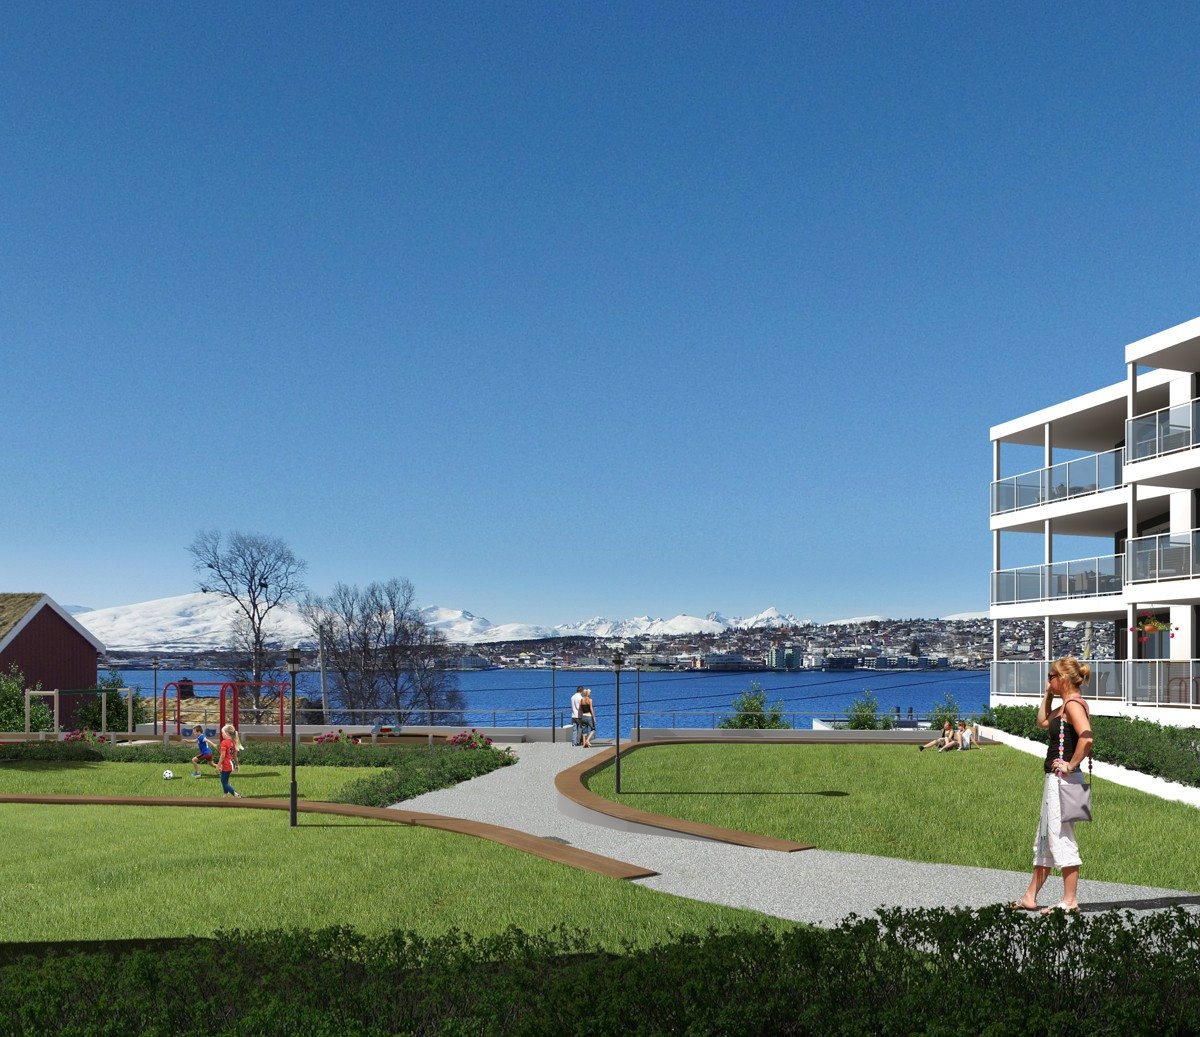 Fra boligen er det kort veg til barnehage, skole og rekreasjonsmuligheter. Bussholdeplass i umiddelbar nærhet med direkterute til Tromsø sentrum og Jekta handelspark